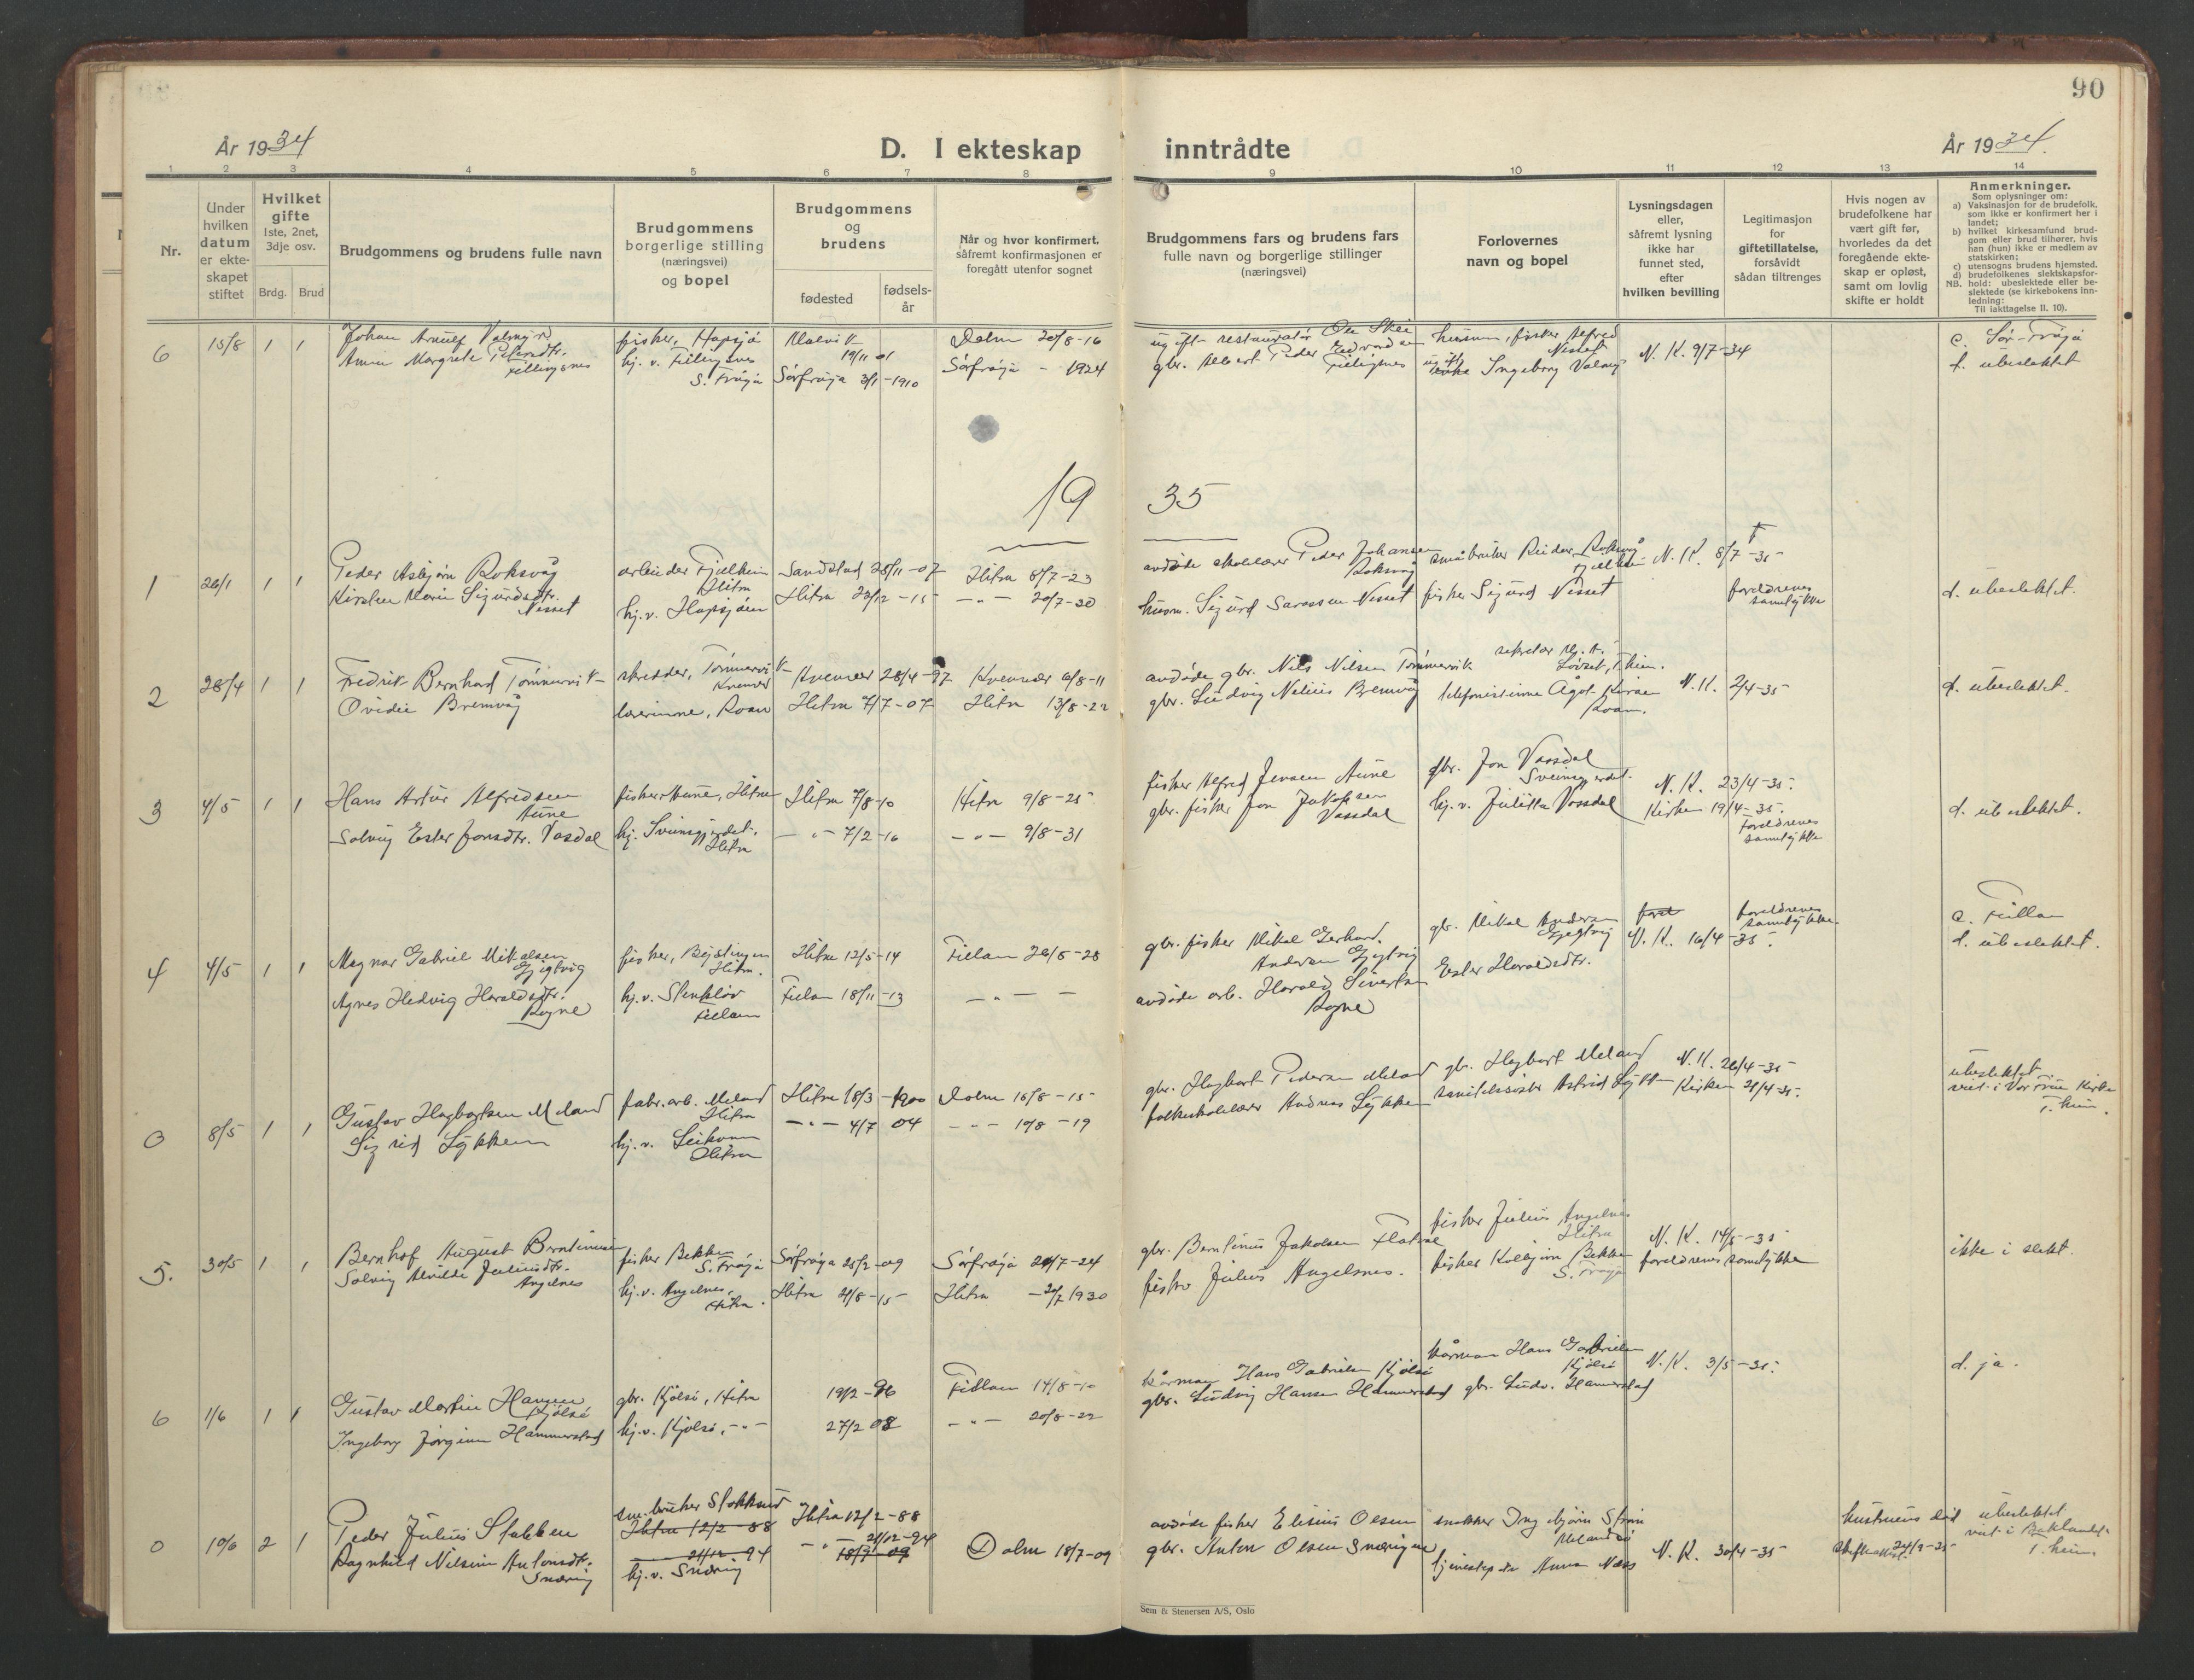 SAT, Ministerialprotokoller, klokkerbøker og fødselsregistre - Sør-Trøndelag, 634/L0544: Klokkerbok nr. 634C06, 1927-1948, s. 90